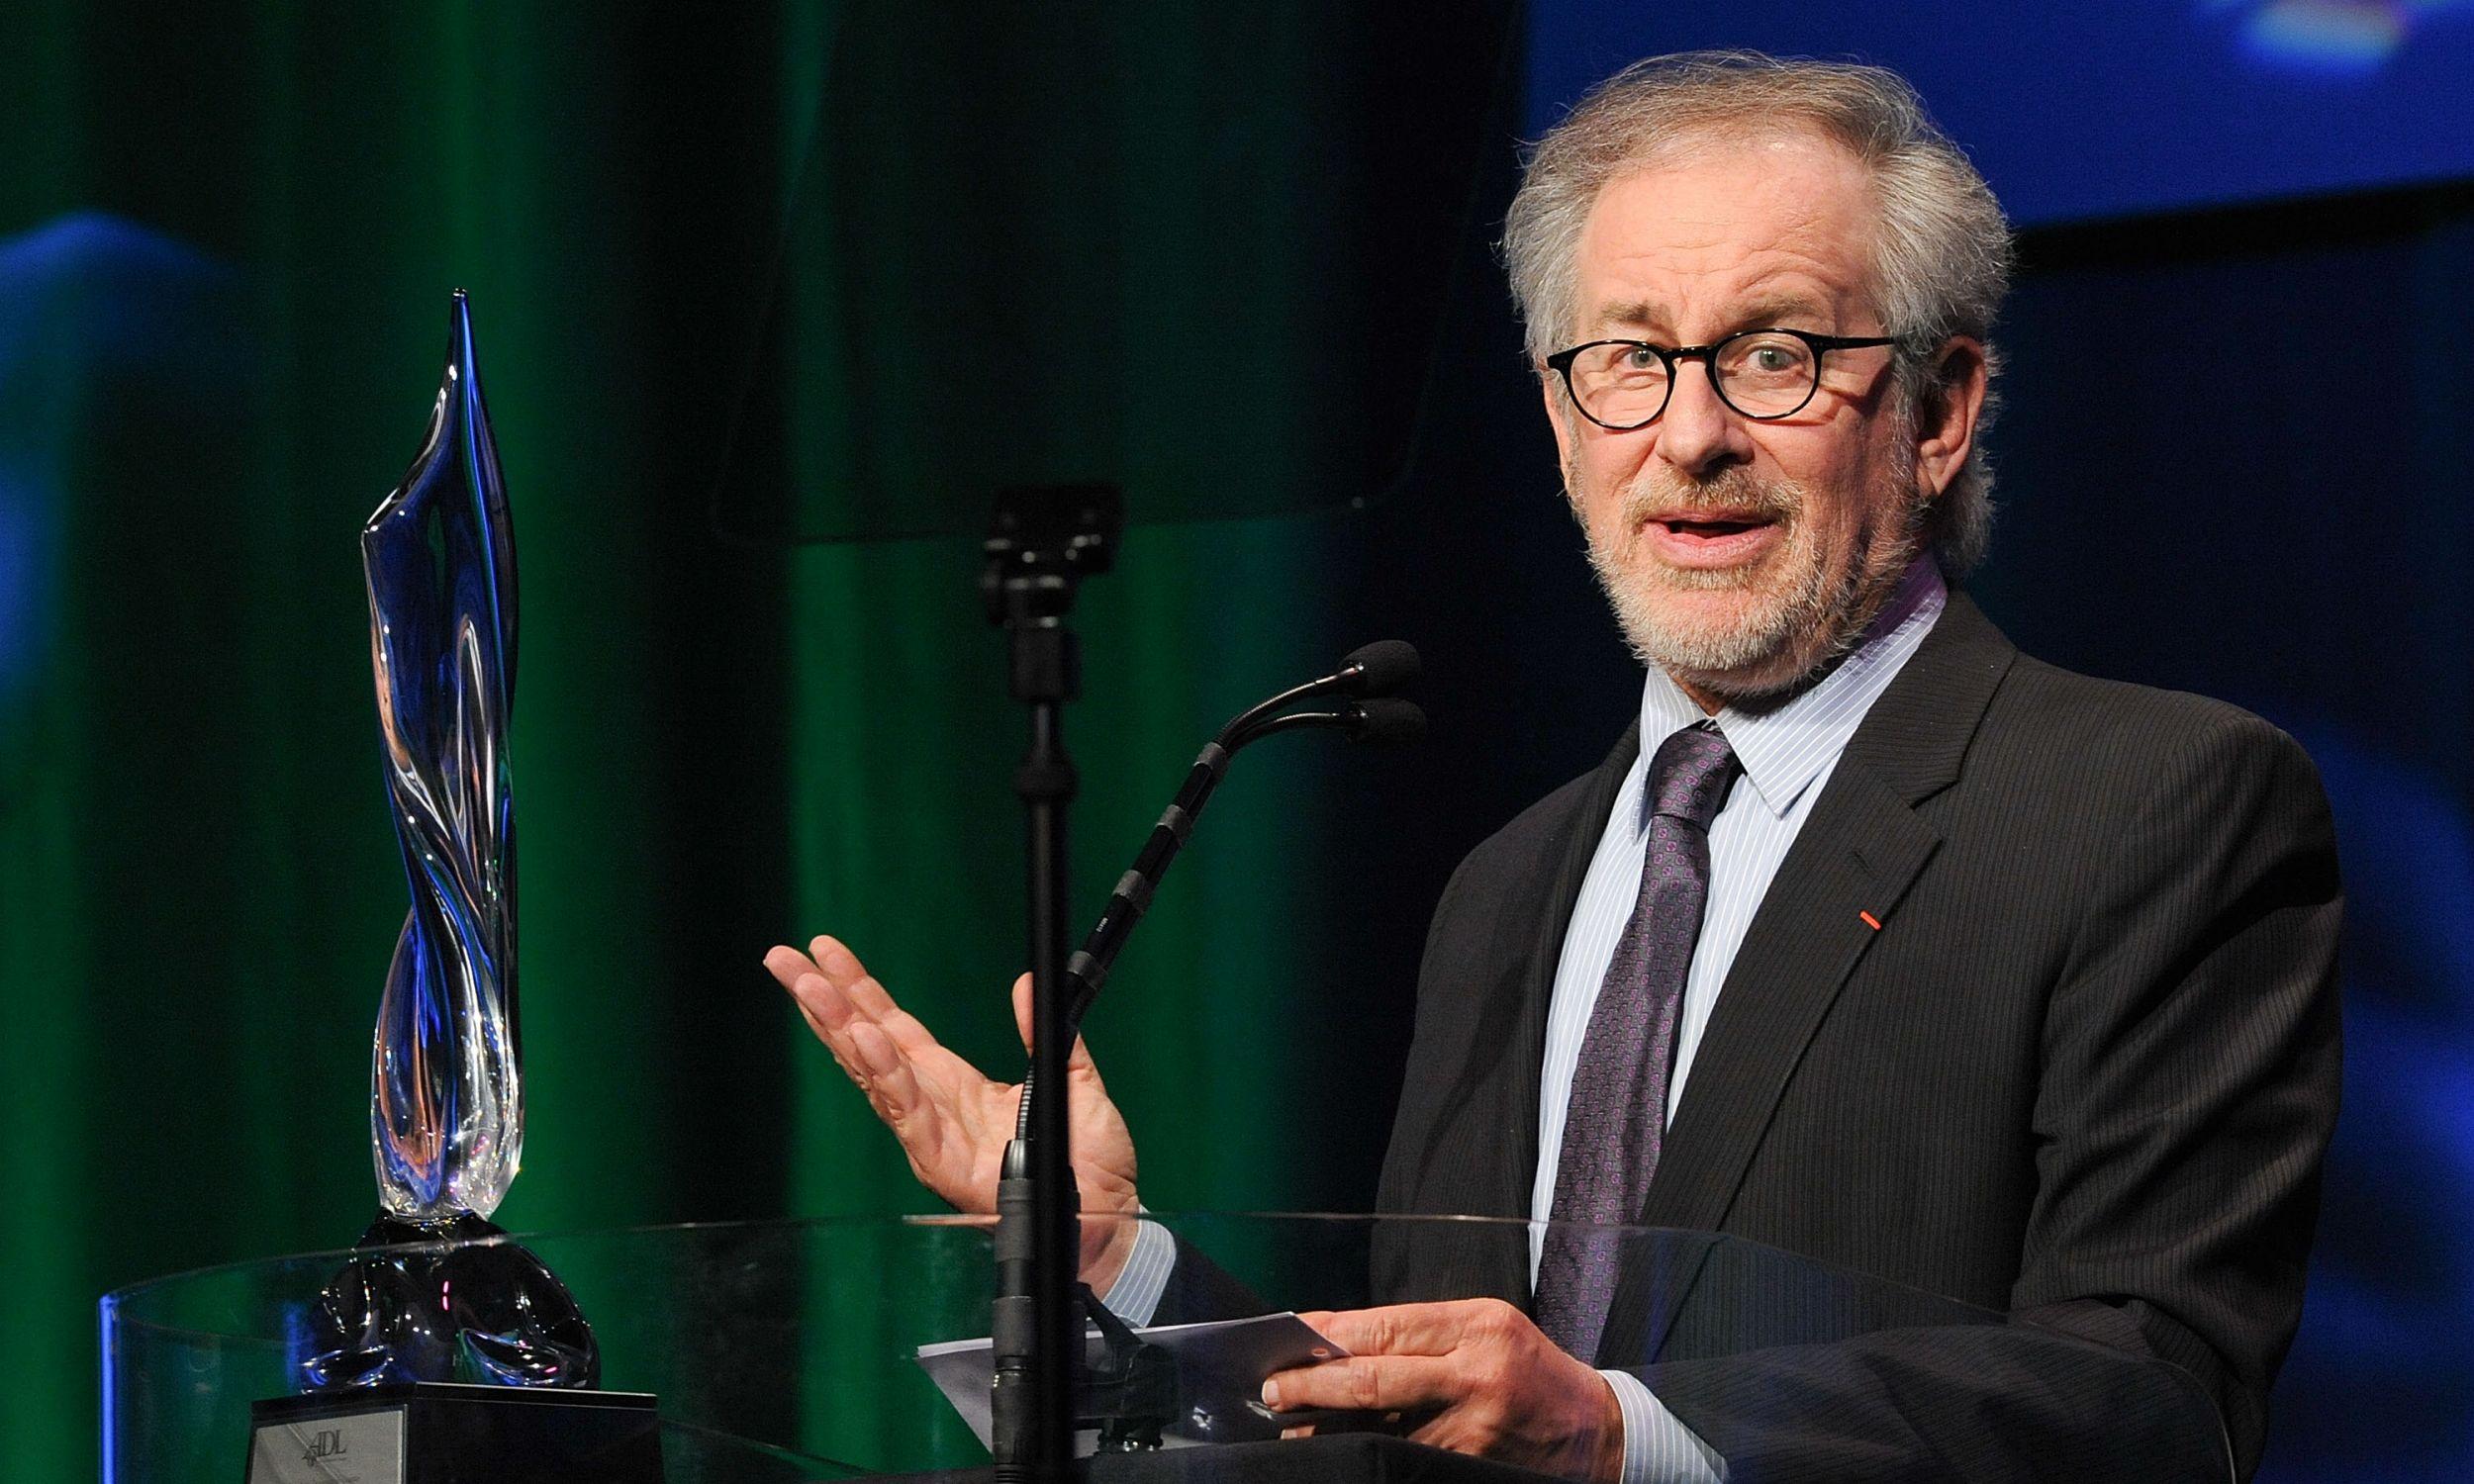 Reżyser i producent filmowy Steven Spielberg odbiera nagrodę ADL w hotelu Beverly Hilton w Beverly Hills w grudniu 2009. Fot. Michael Kovac/WireImage/Getty Images